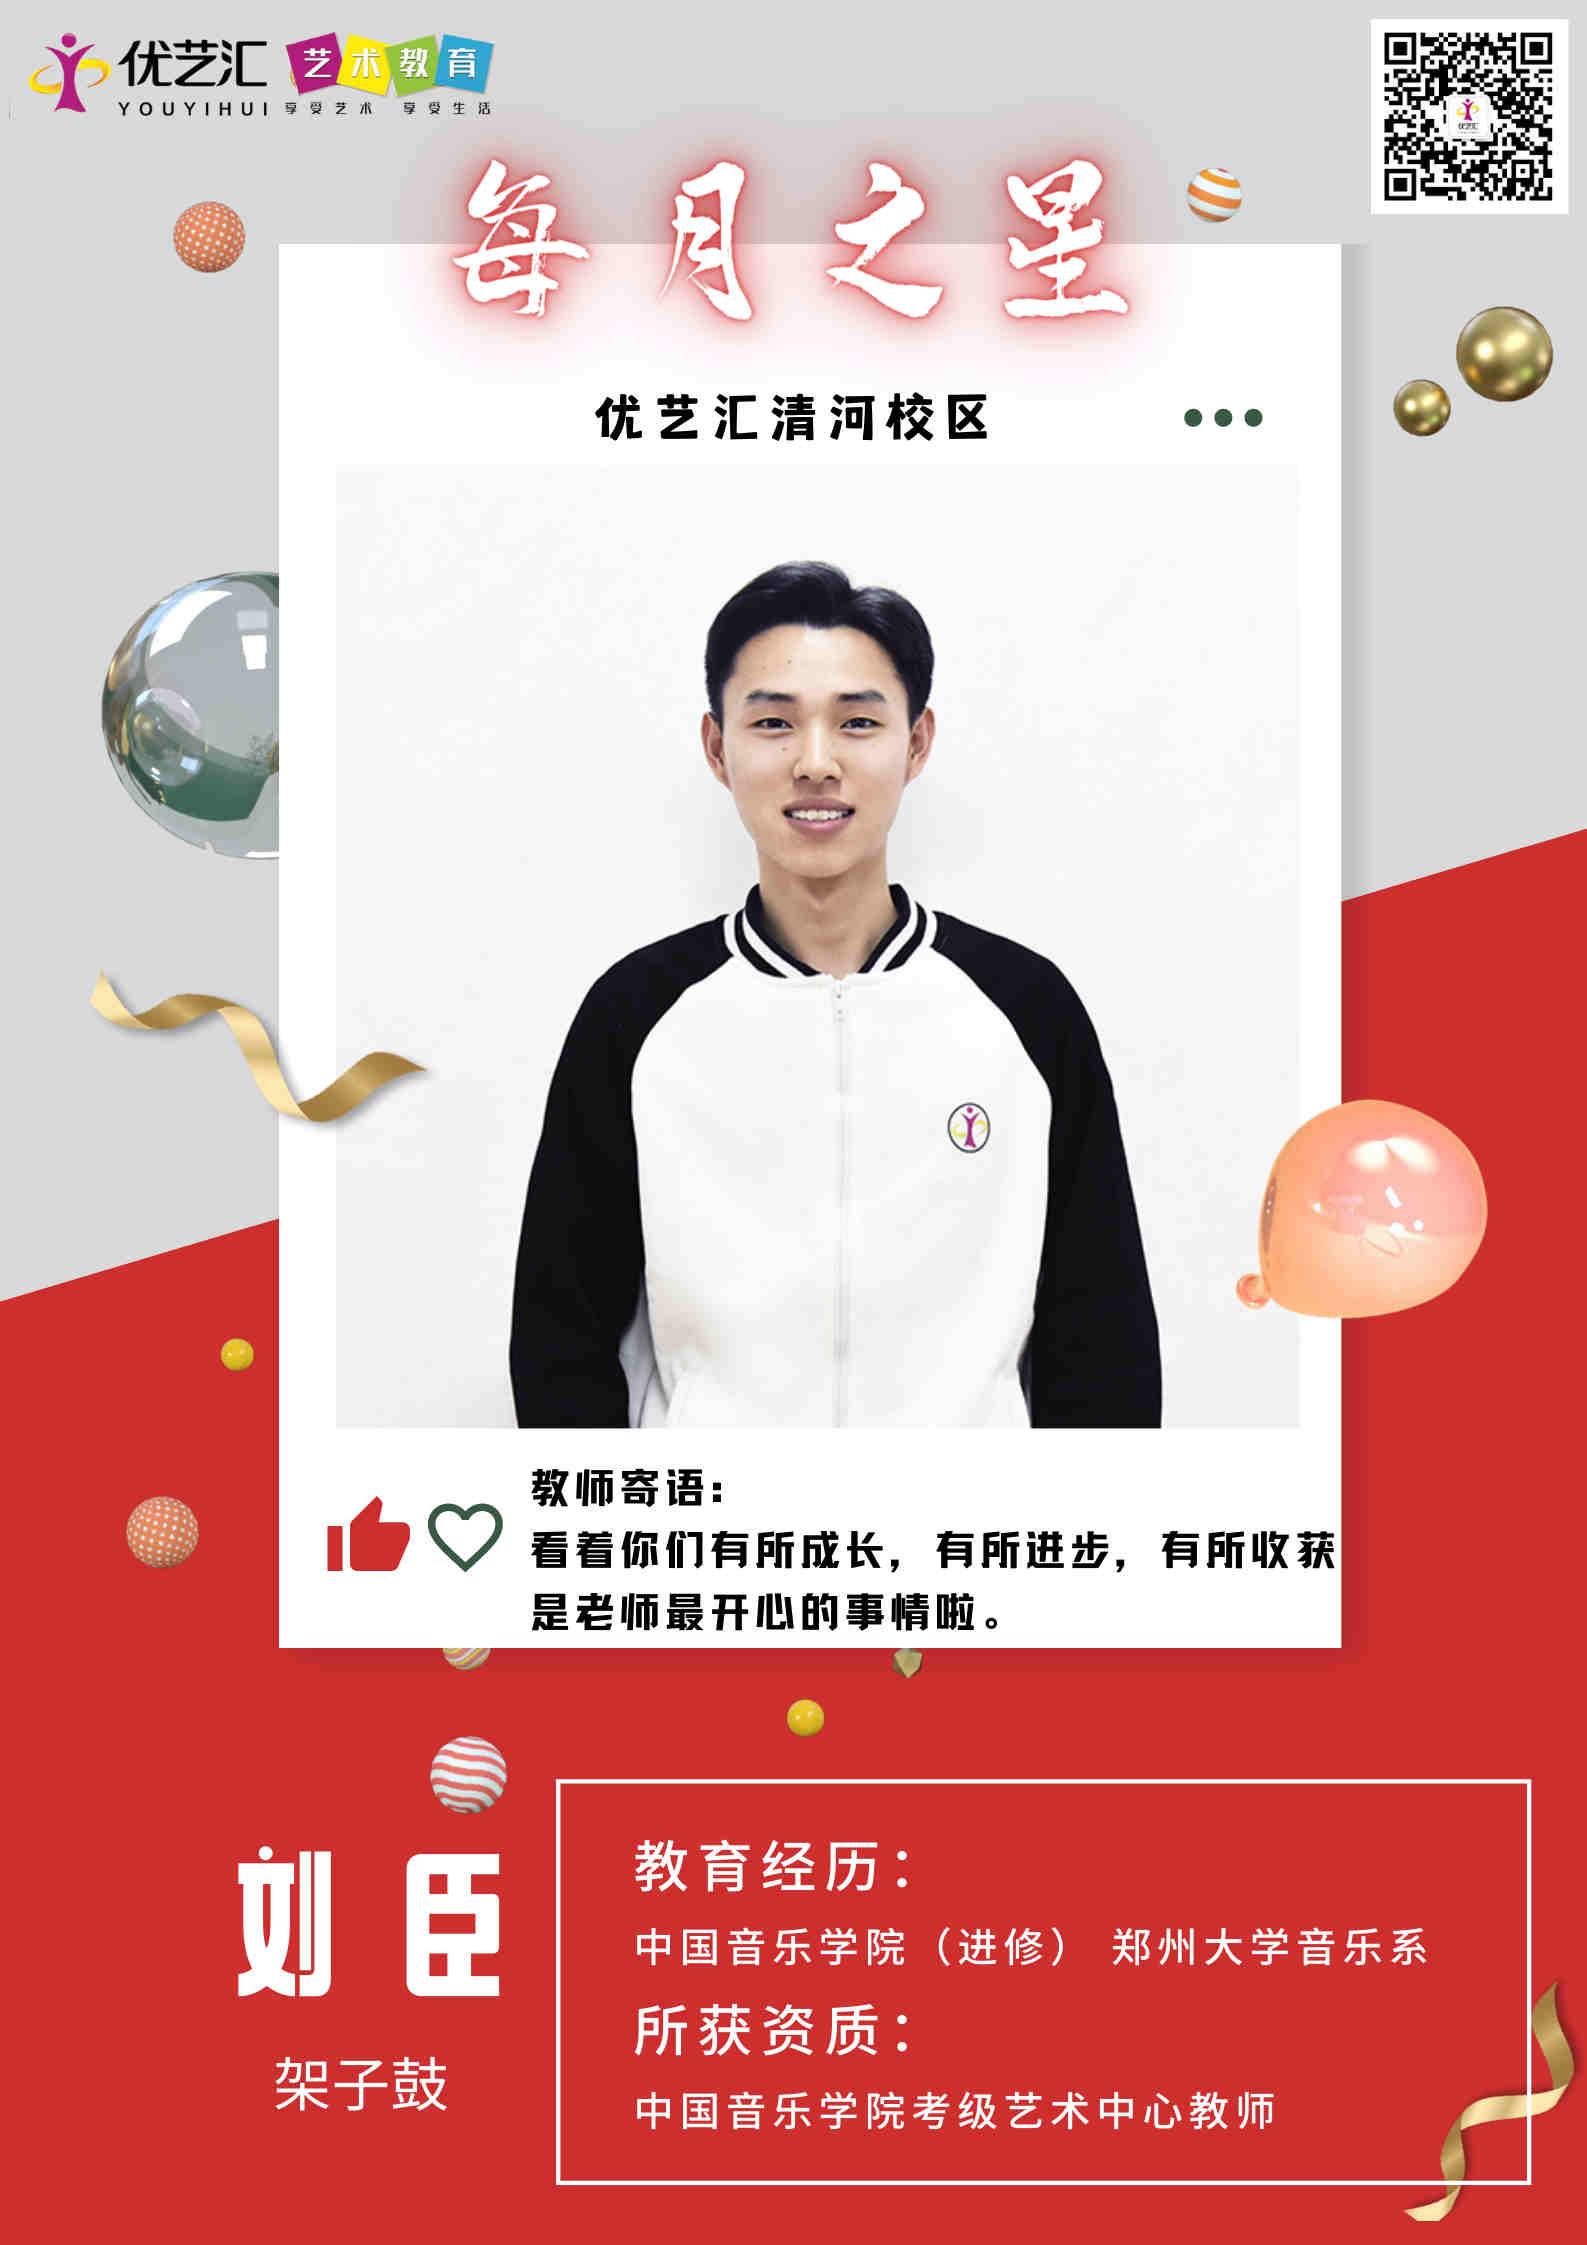 第一期清河刘臣(1).jpg